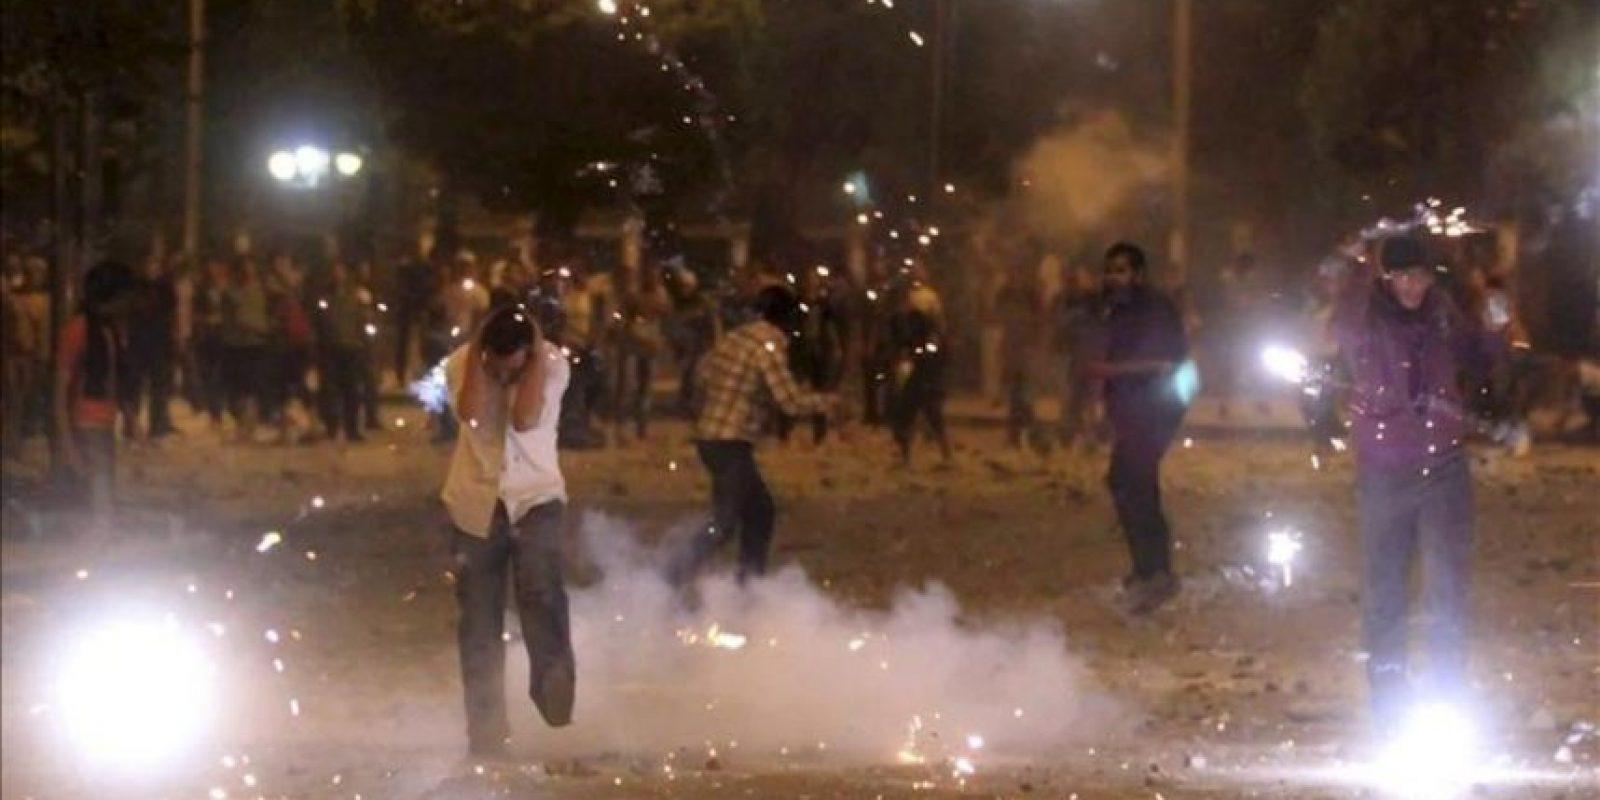 Fotografía facilitada hoy, domingo, 29 de abril de 2012, que muestra a manifestantes durante unos enfrentamientos en una protesta ante el Ministerio de Defensa en El Cairo (Egipto) ayer, sábado, 28 de abril de 2012. EFE